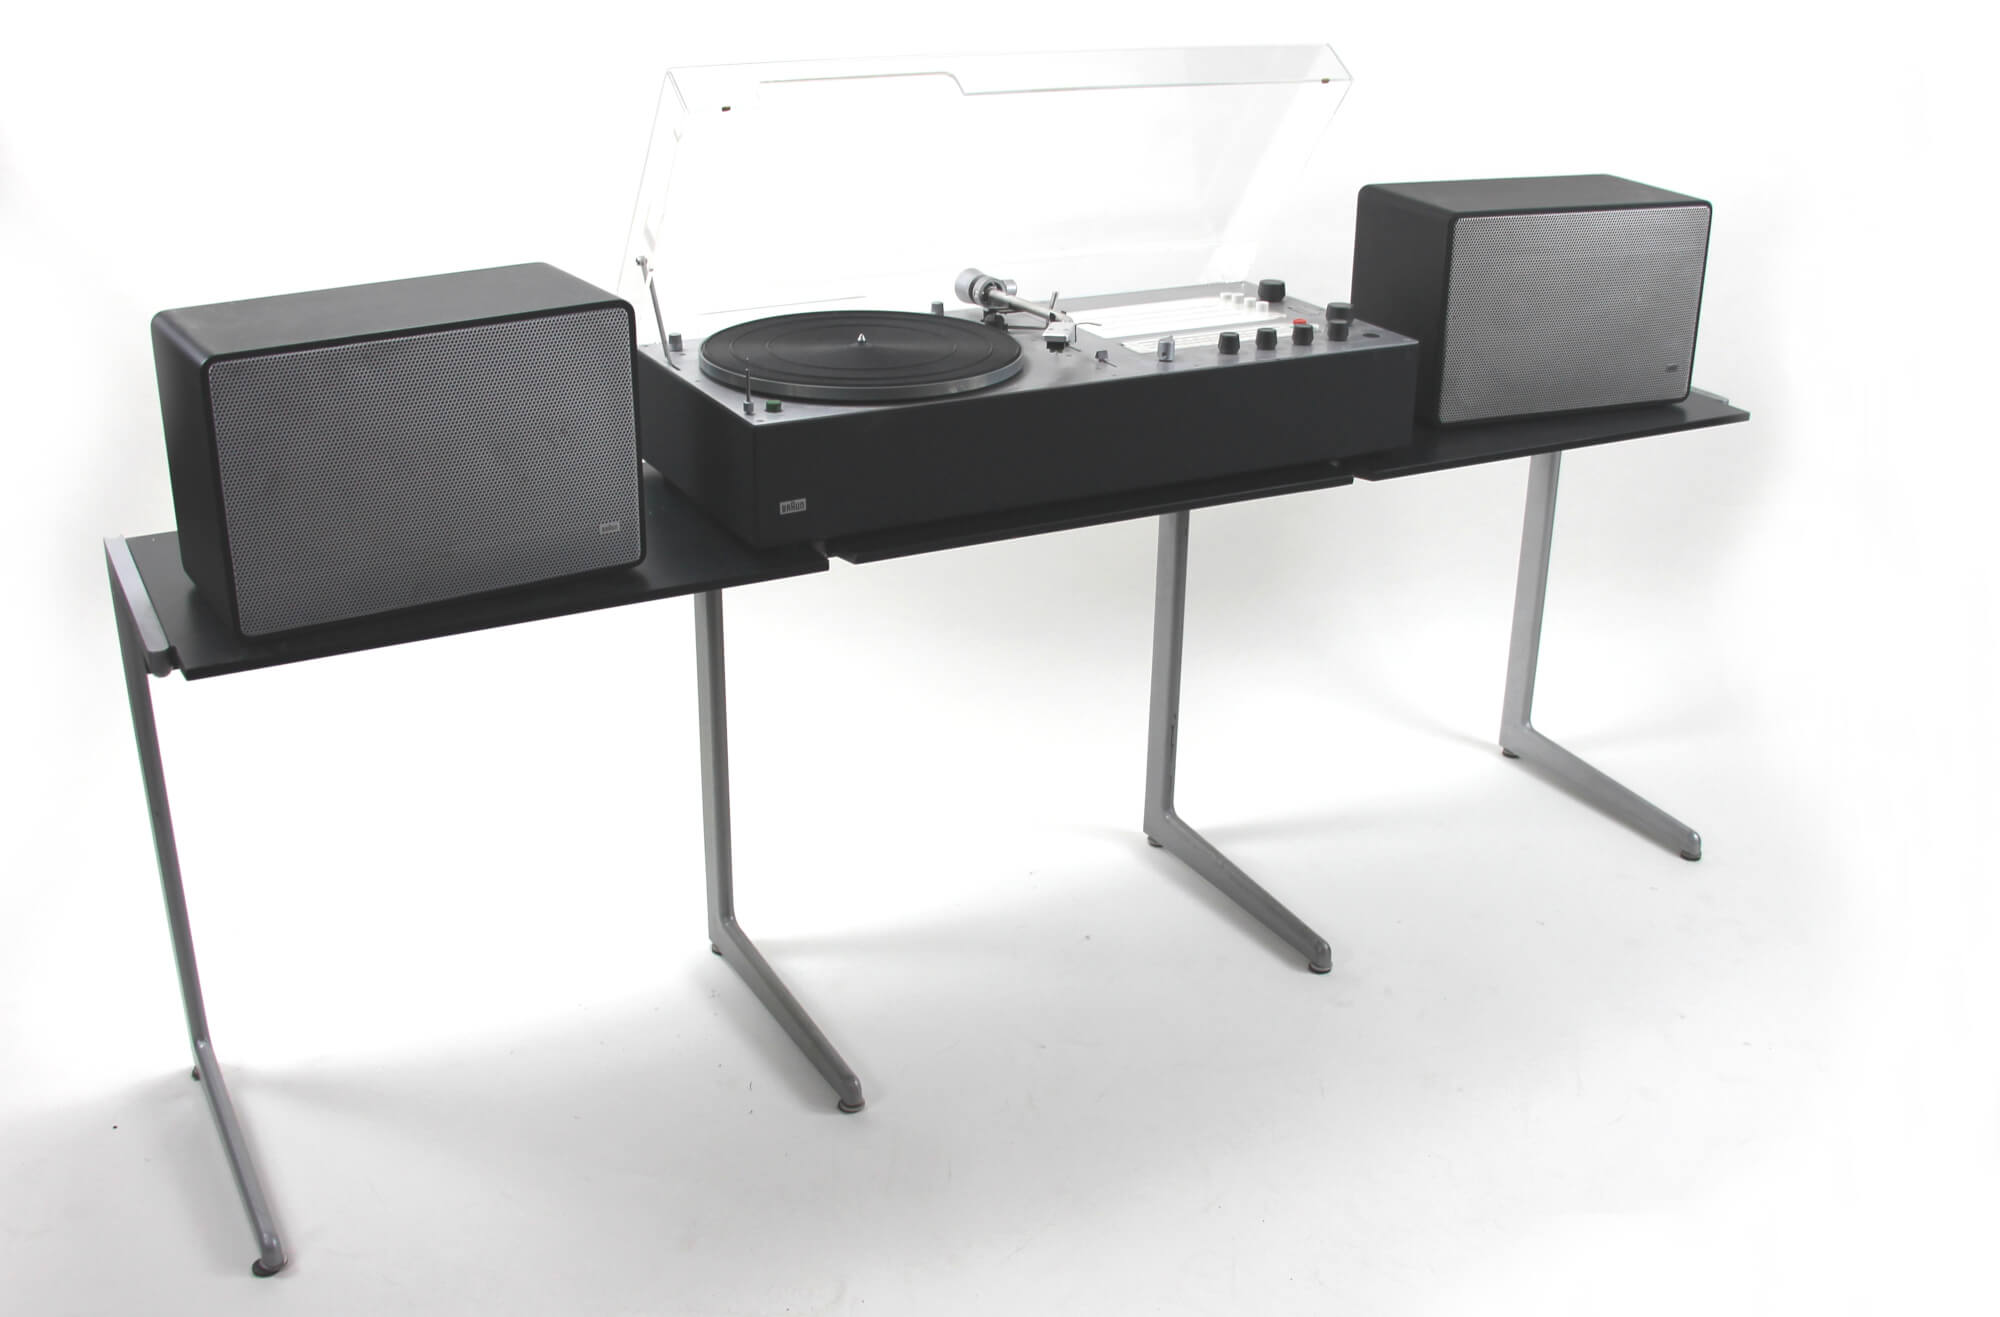 Kangaroo dreifach Modul mit braun audio 310 anthrazit und L 425 black